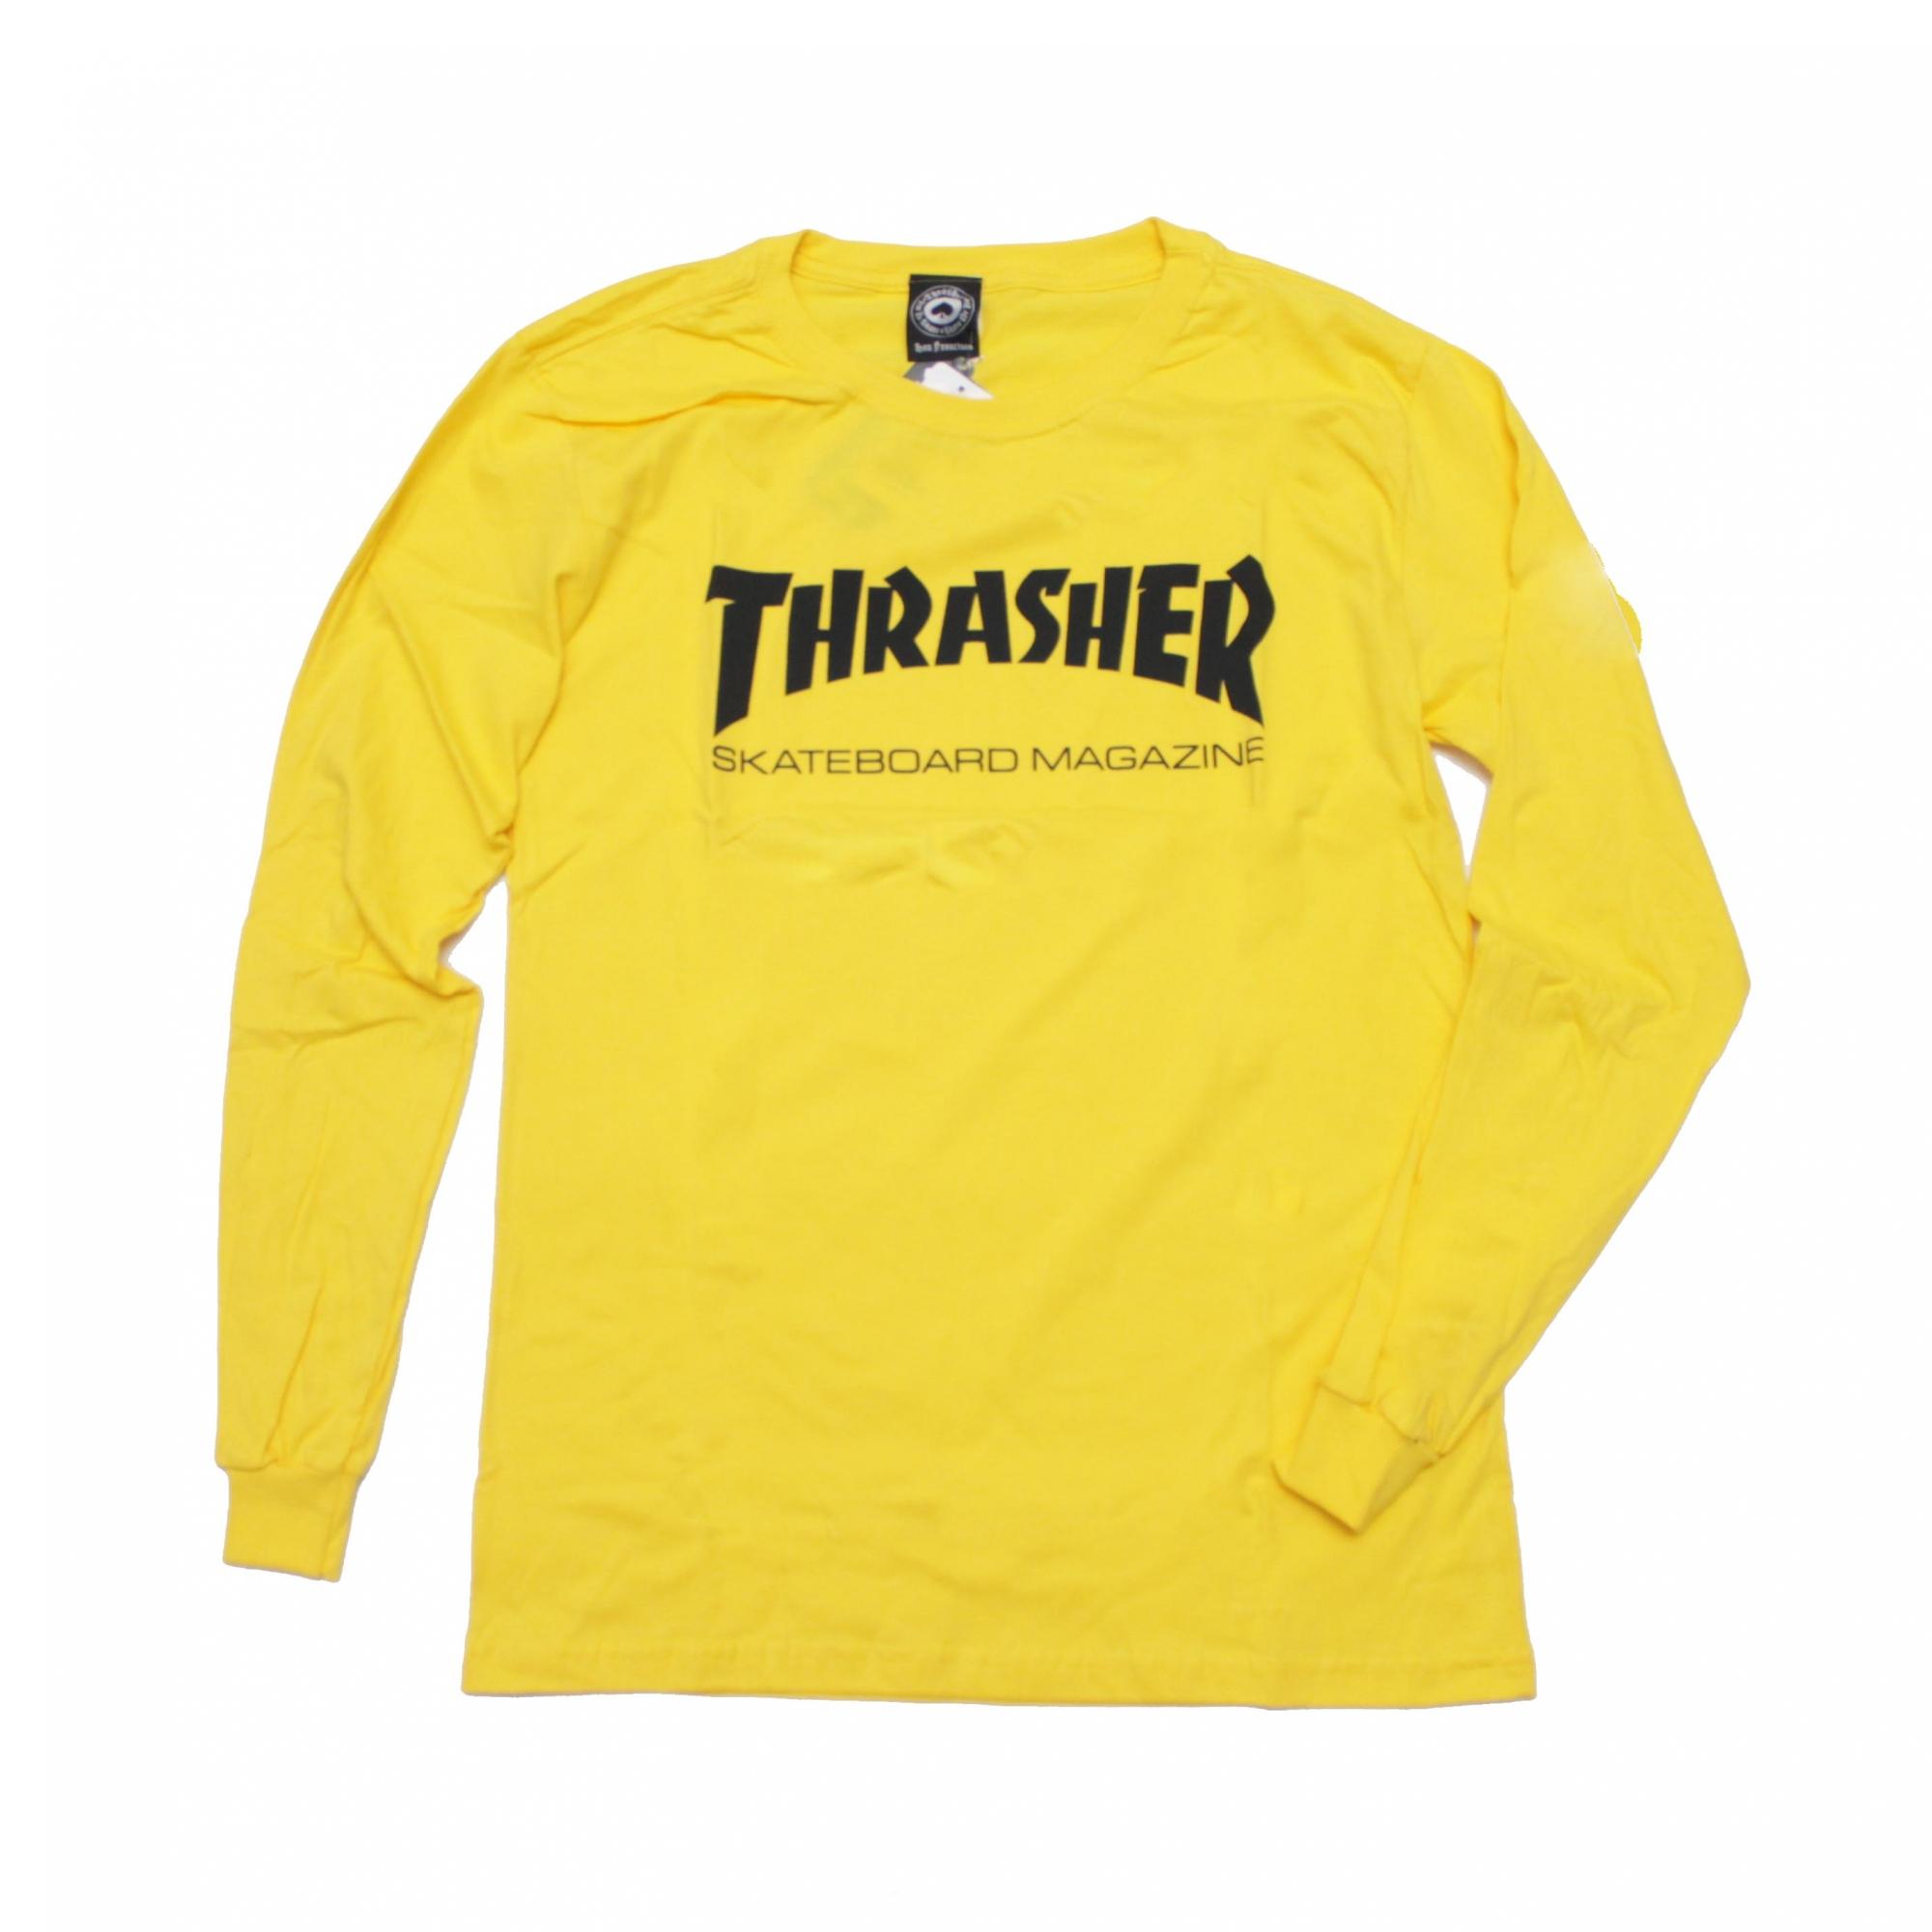 Camiseta Manga Longa Thrasher Magazine Skate Mag - Amarelo